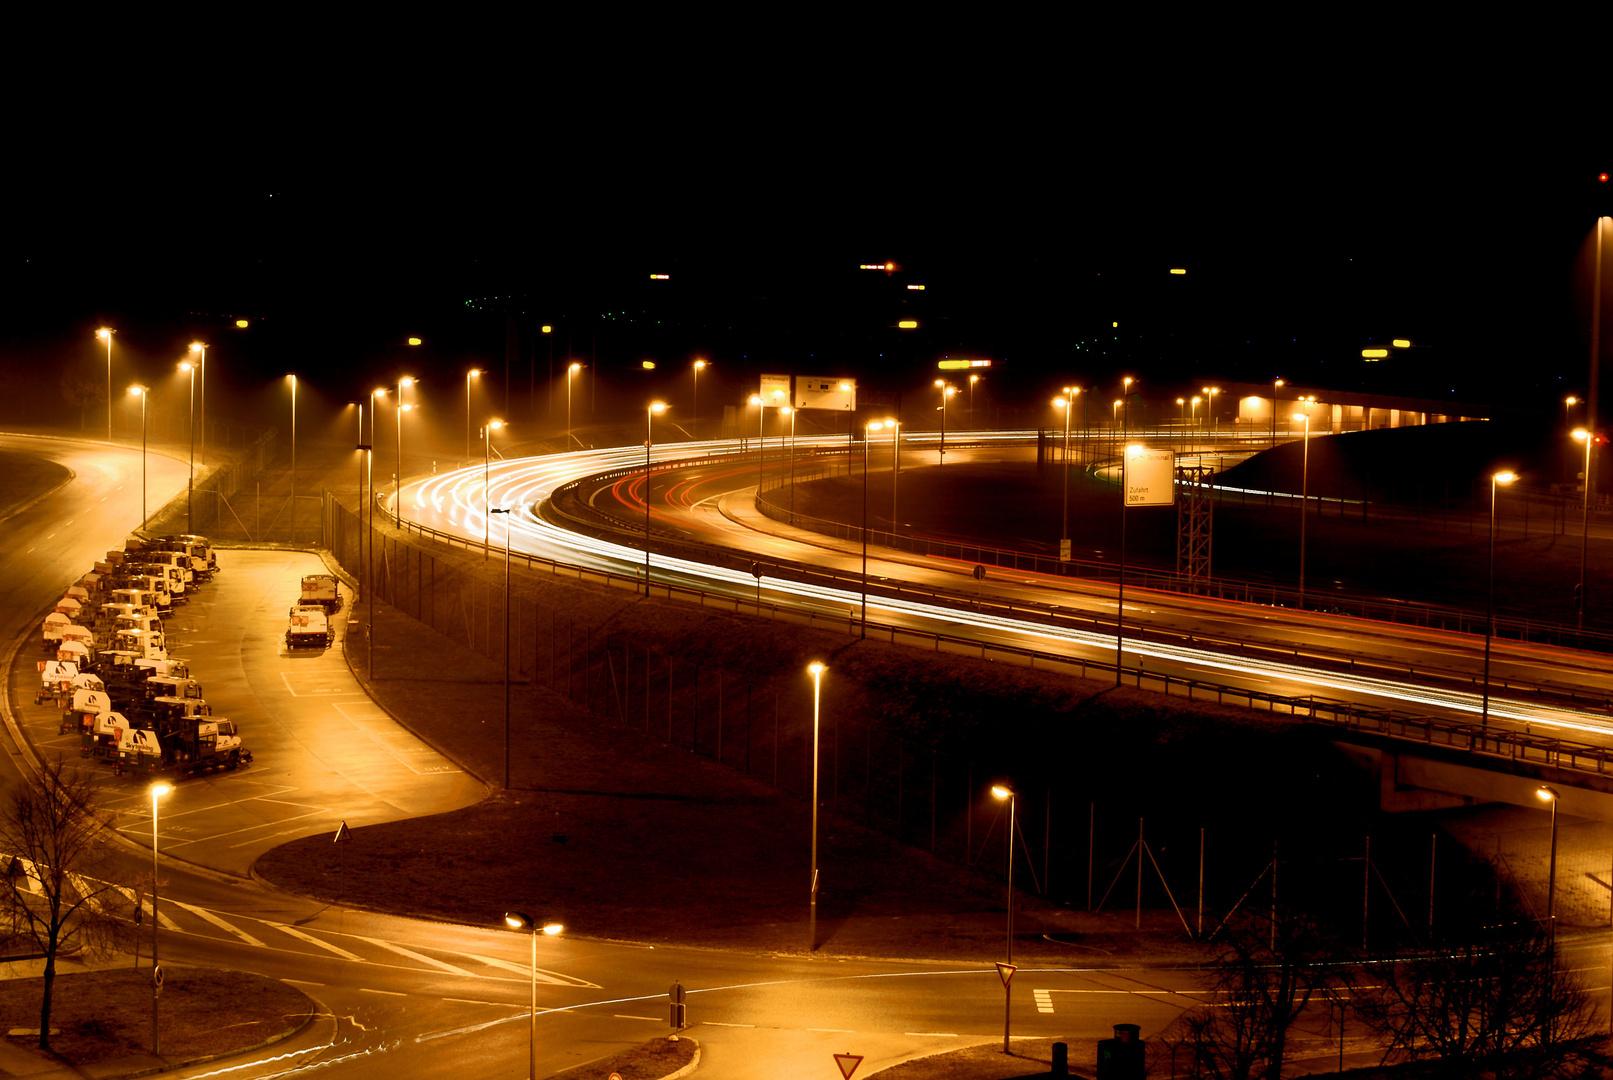 Autobahn II Munich Airport